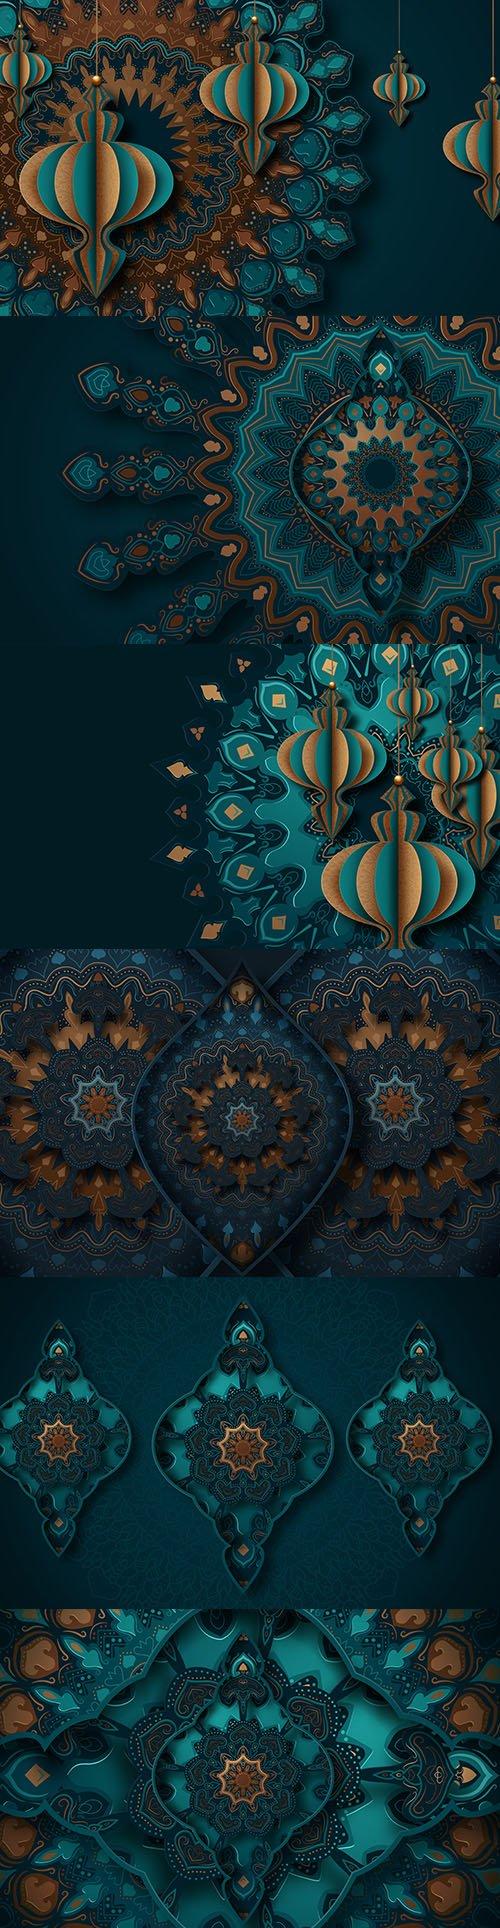 Paper Art Set - Islamic Greeting Card Ramadan